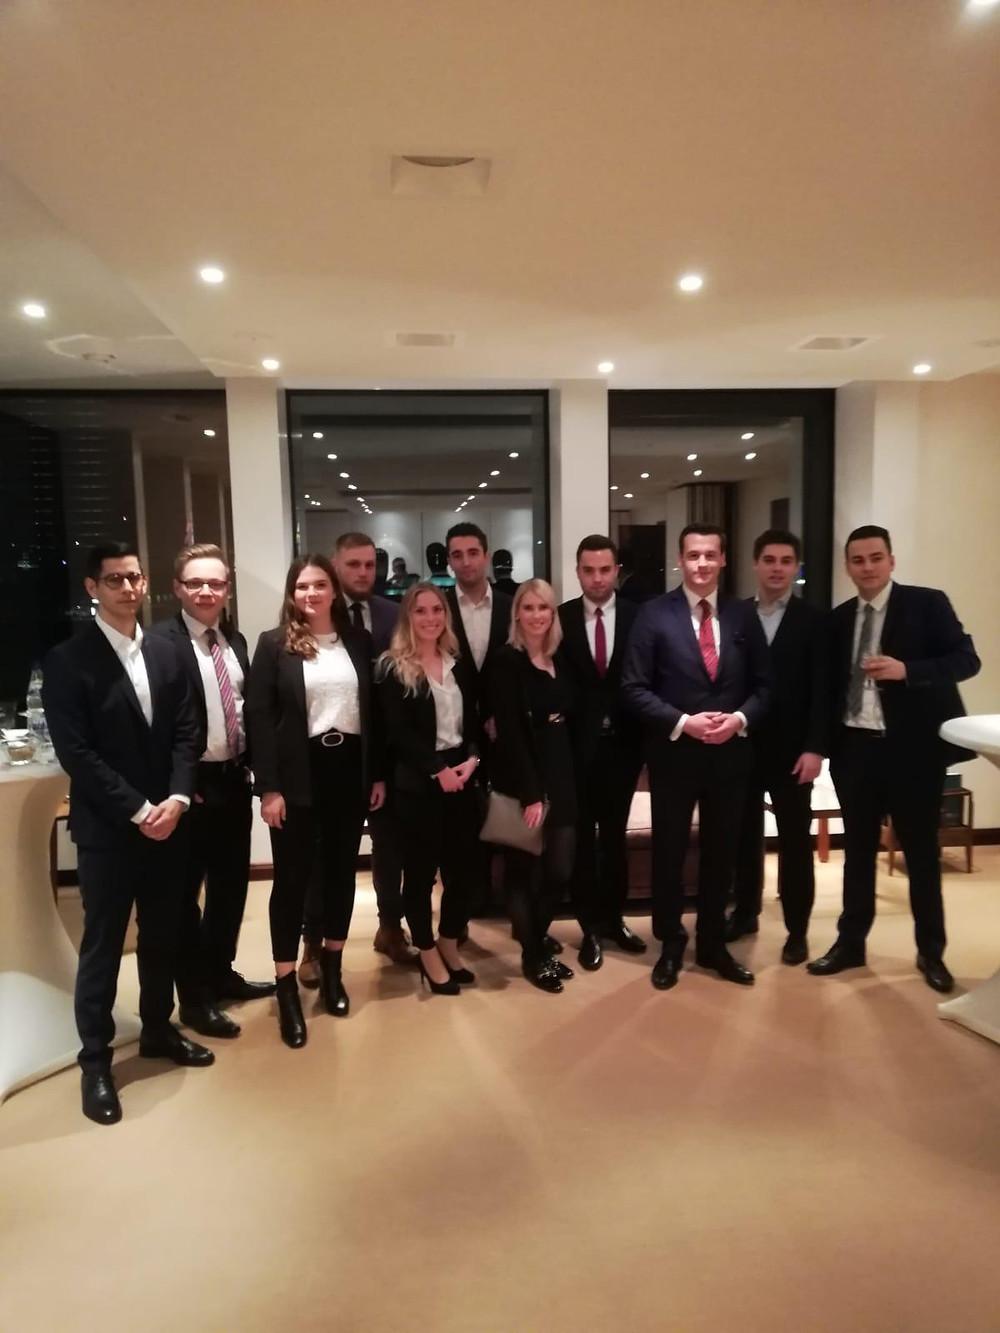 Eventverantwortlicher André Broders und das Team des Business and Finance Club Kiel e.V. zu Gast bei Deutschlands ältester Bank, Berenberg.